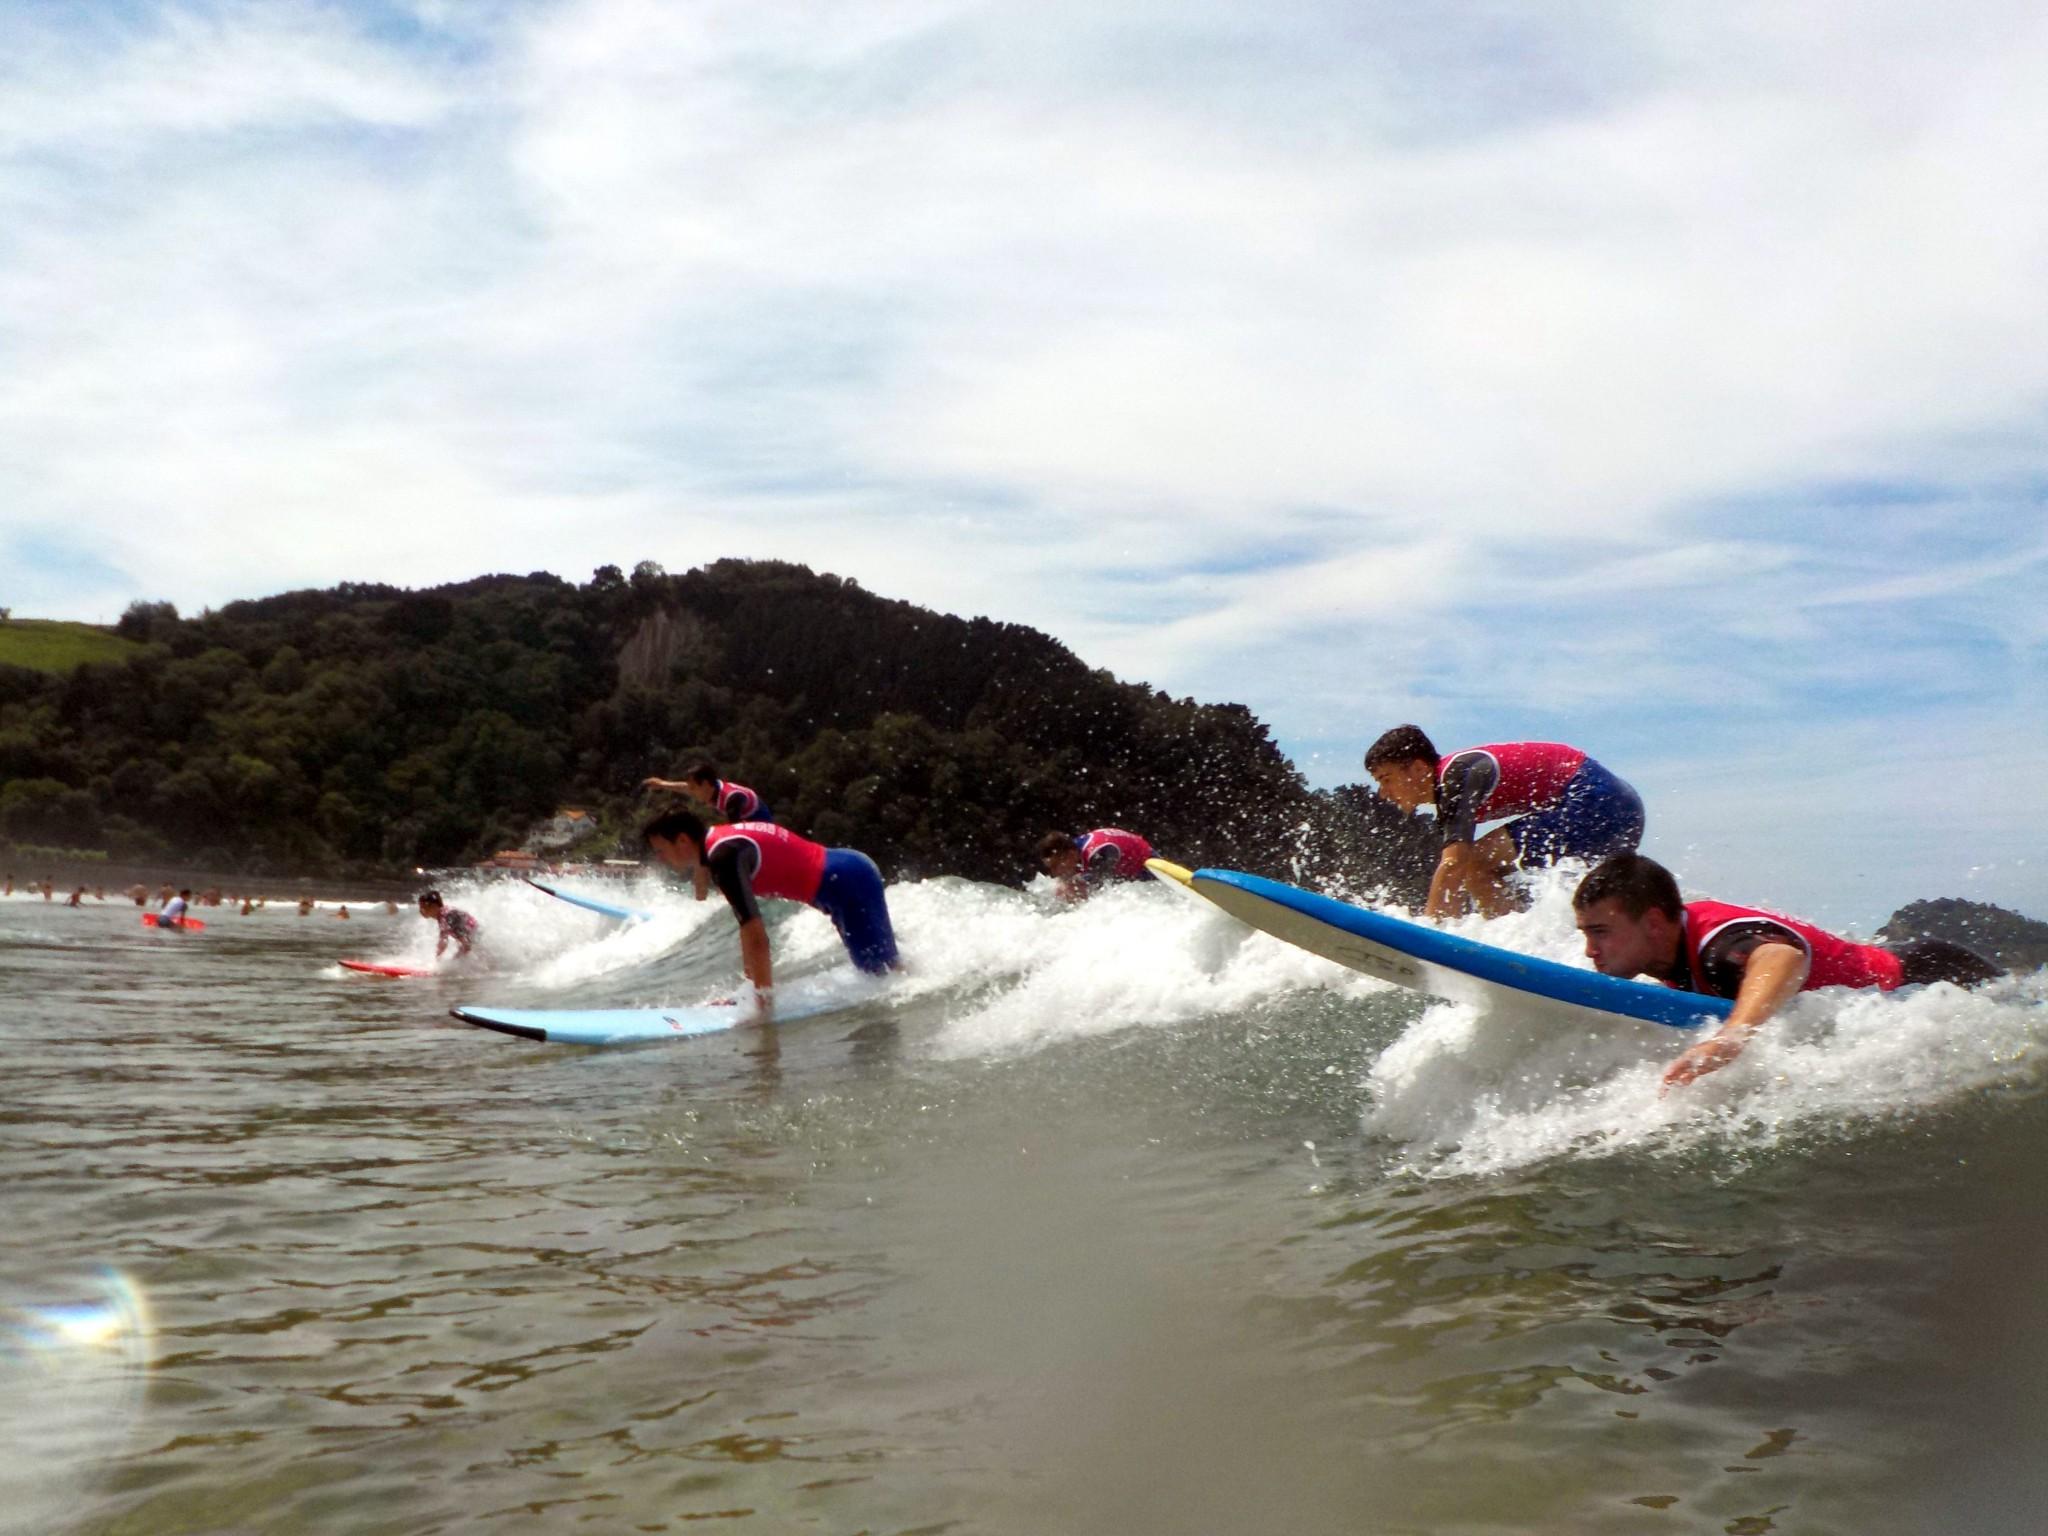 Campamentos de verano en España Navarra niños adolescentes jóvenes surf Grupo Joven